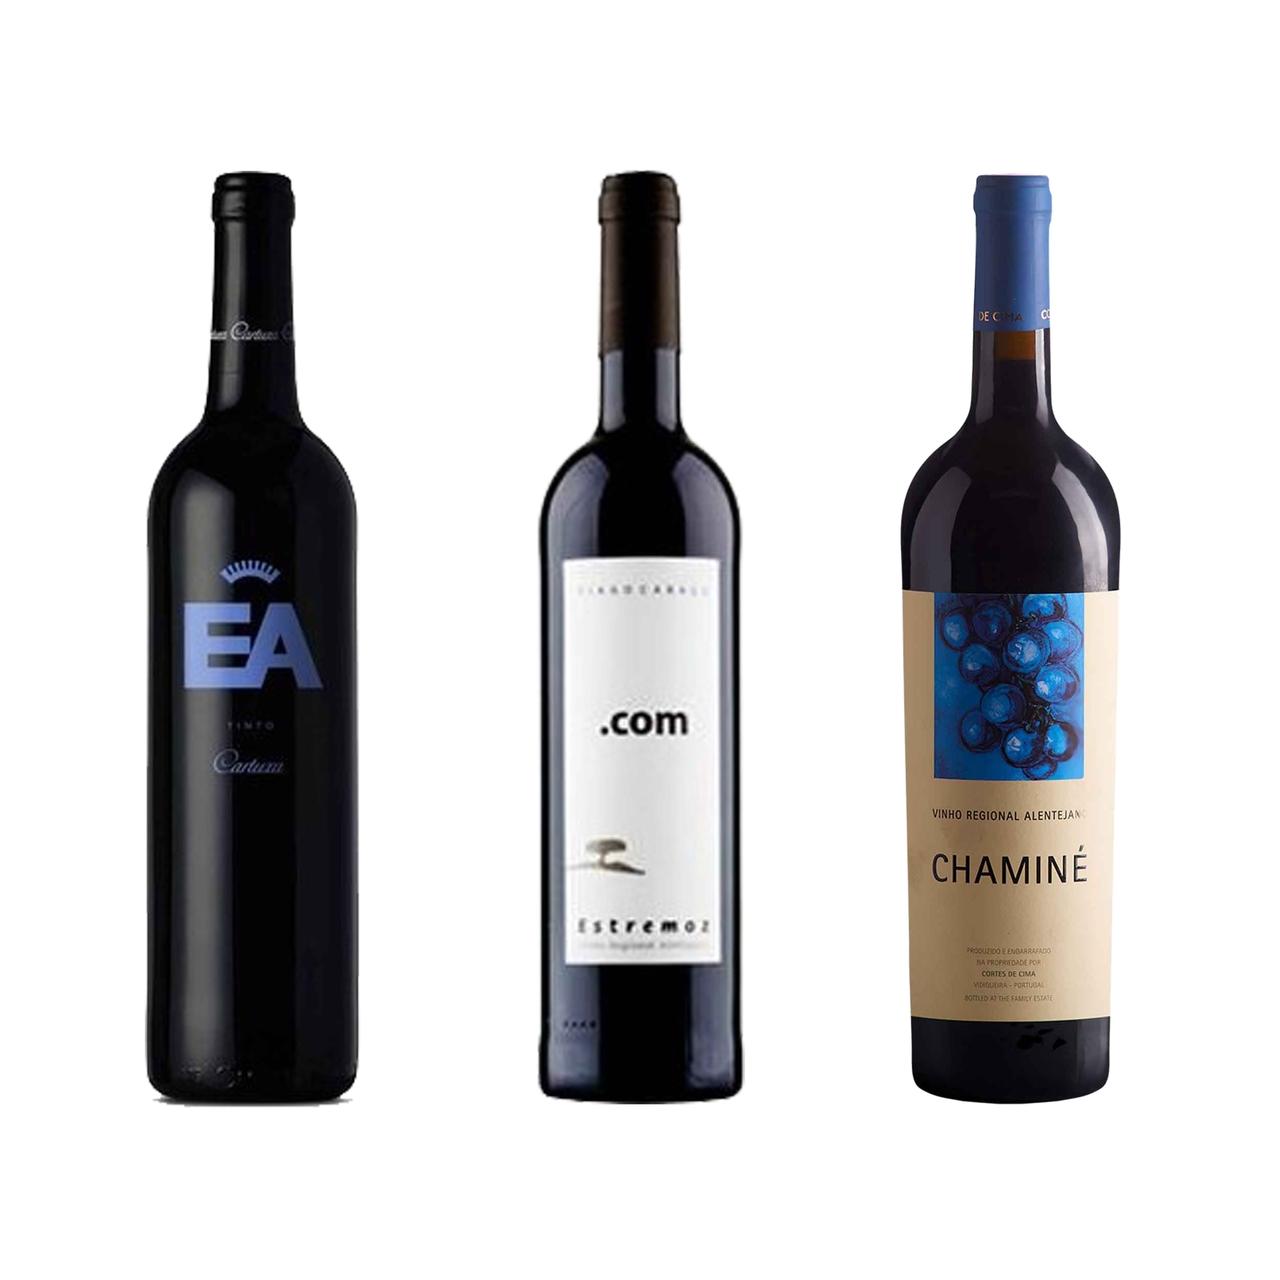 Kit 3x Vinhos Tinto Português Cartuxa EA, Tiago Cabaço.com e Chaminé 750ml